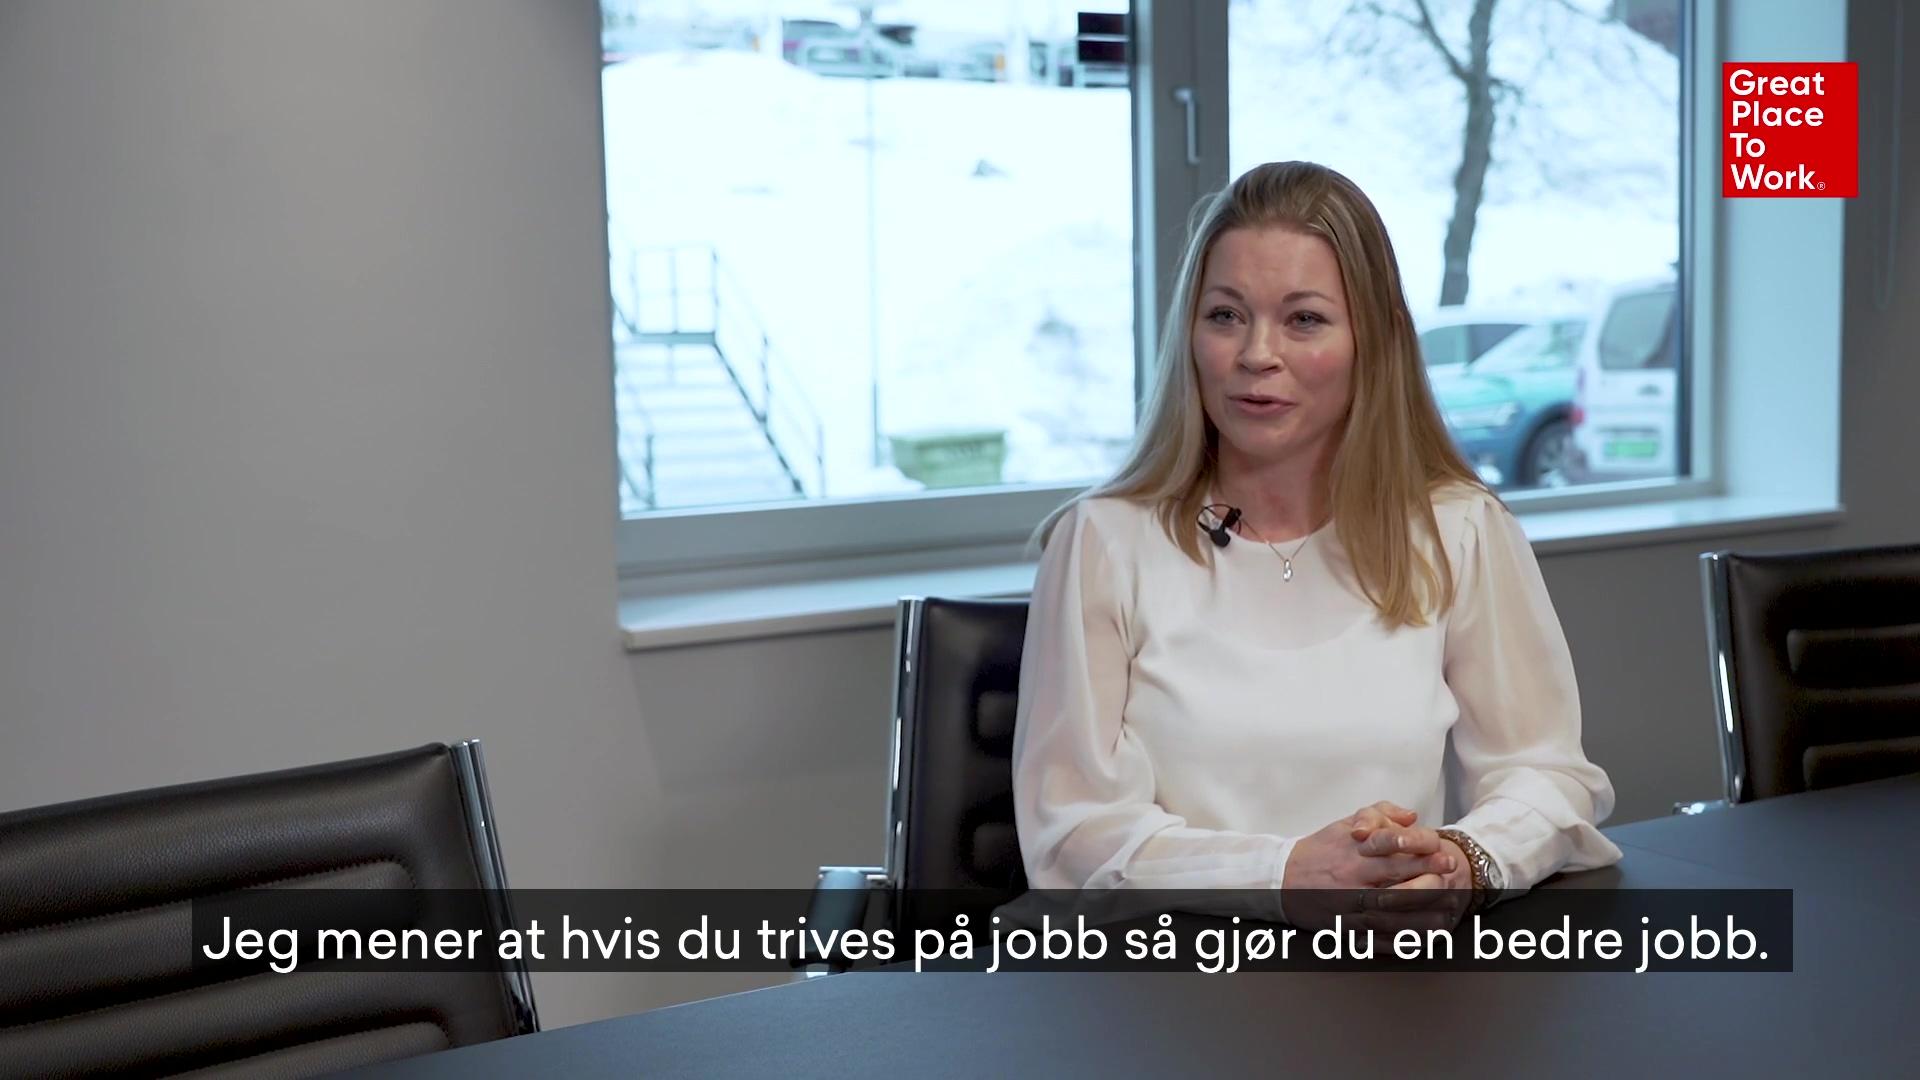 Møller v4